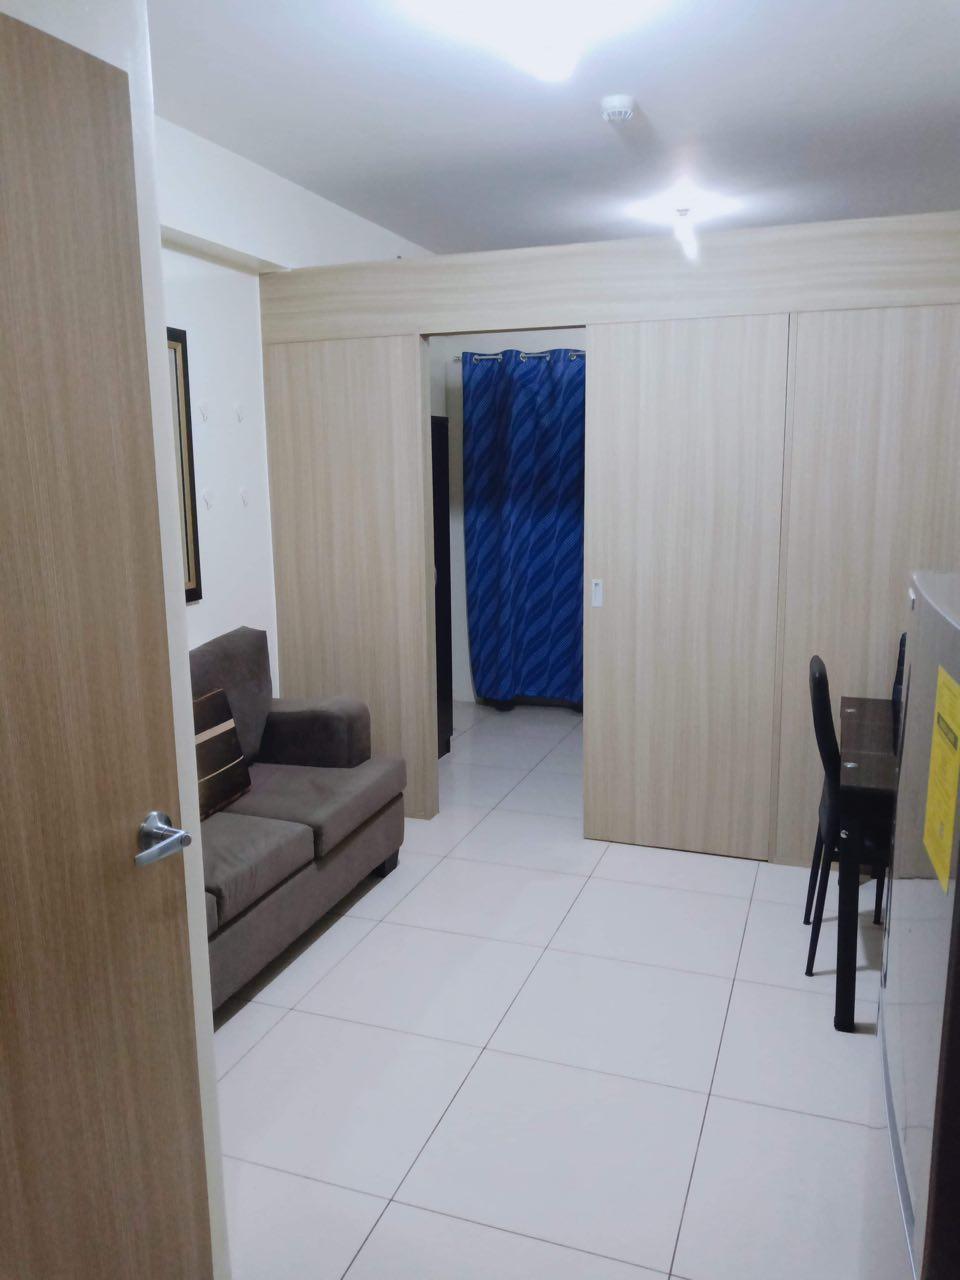 Staycation In Breeze Residence Near Moa